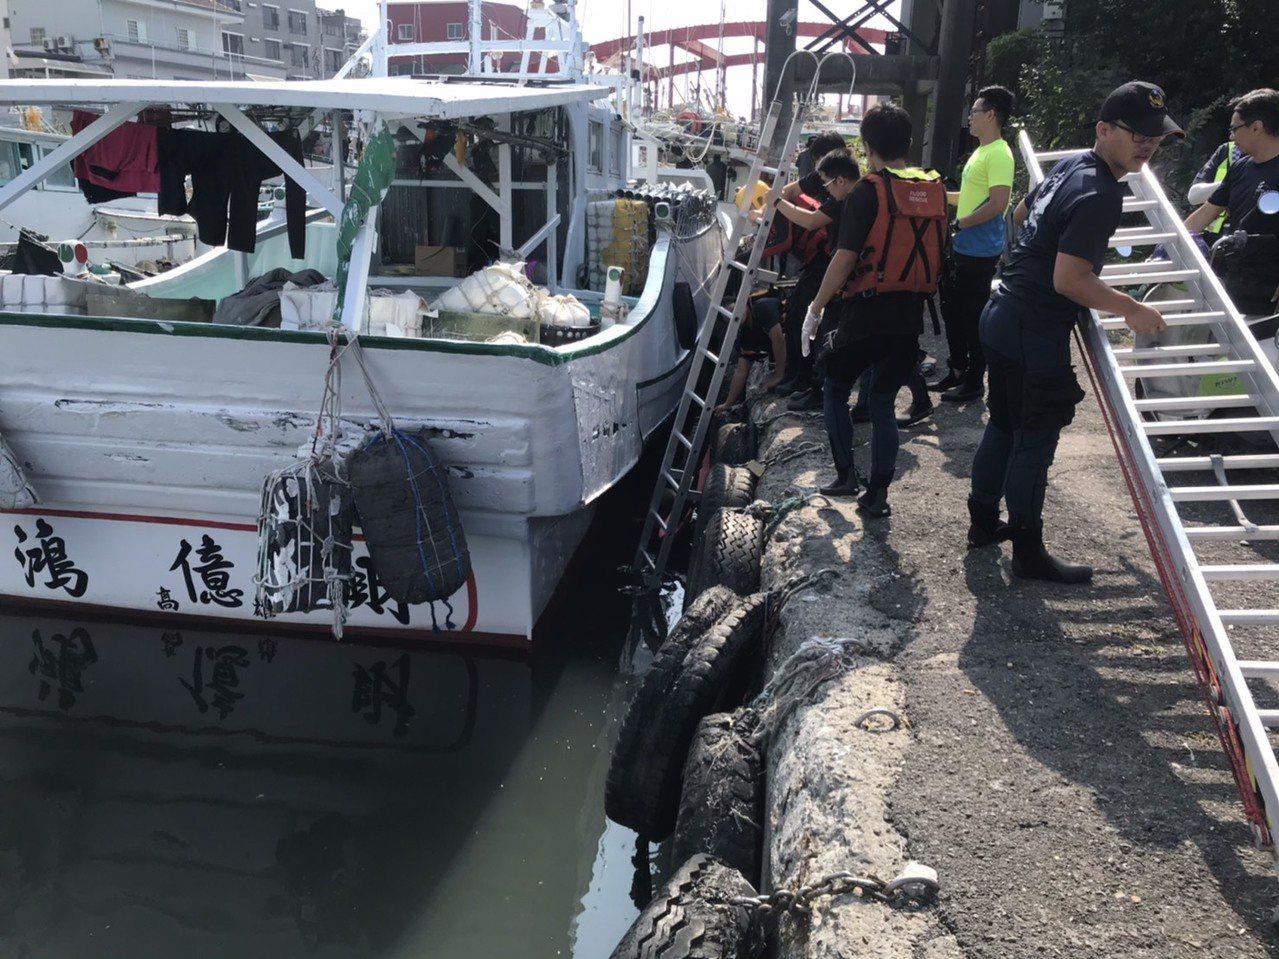 屏東東港鎮豐漁橋,今天上午9點多,有名男子失足跌落水中。圖/屏東縣消防局提供